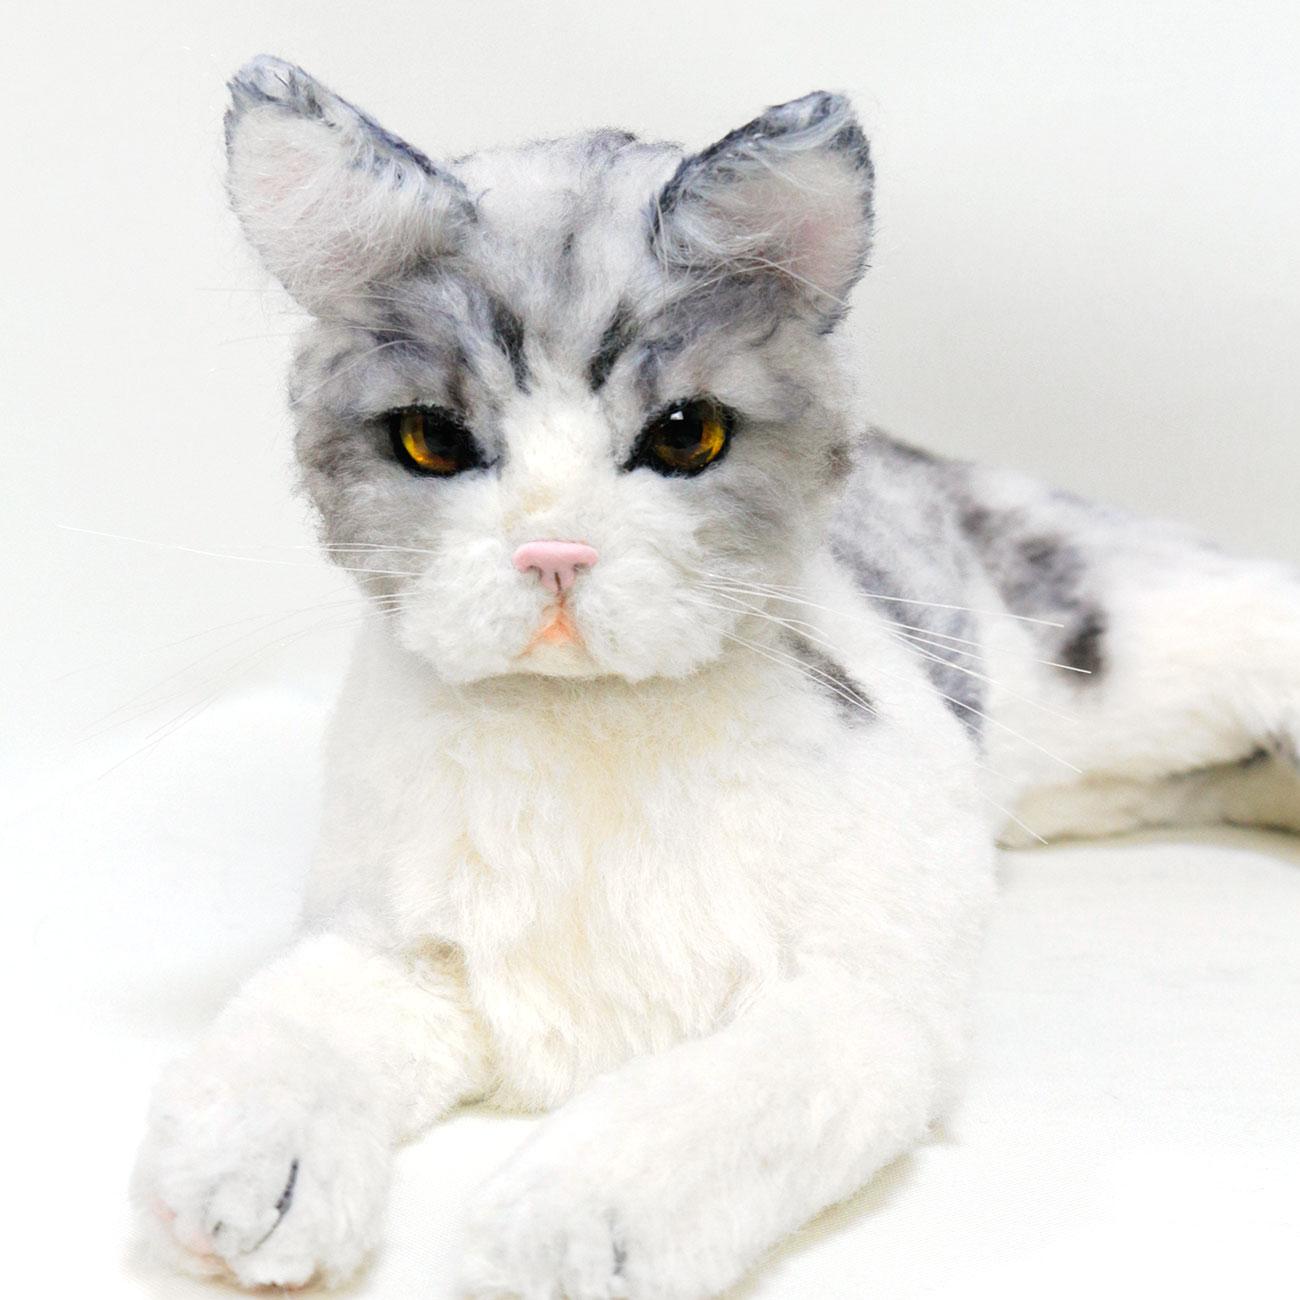 アメリカンショートヘアー MIX 猫 ぬいぐるみ